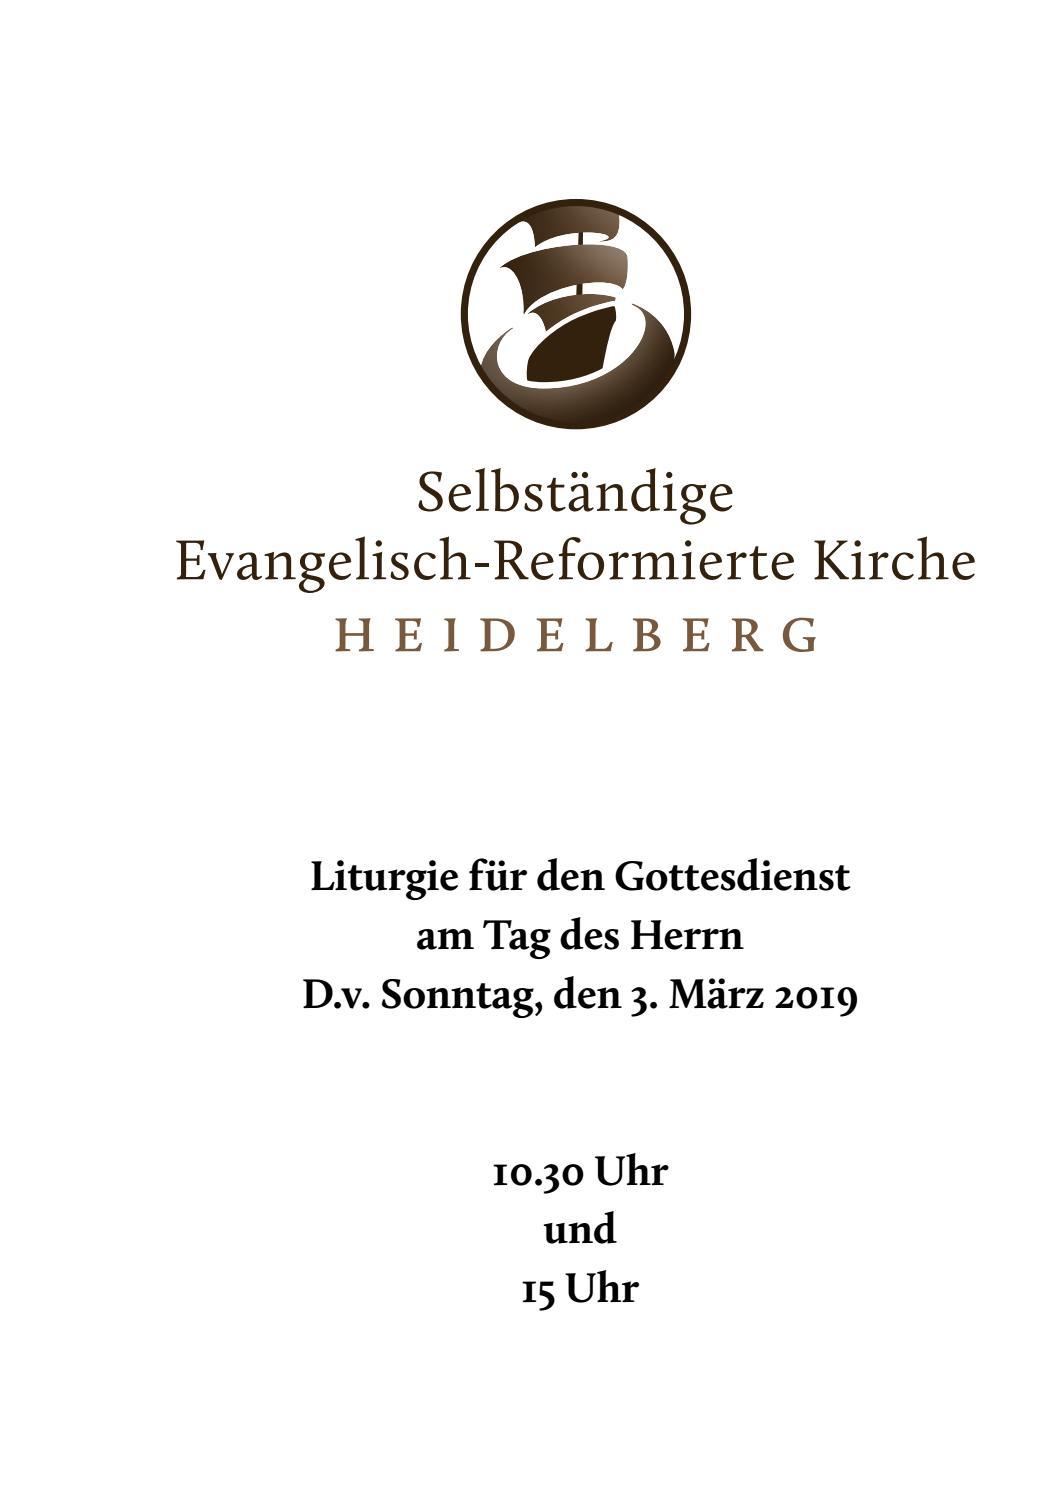 Liturgie 3 März 2019 By Selbständige Evangelisch